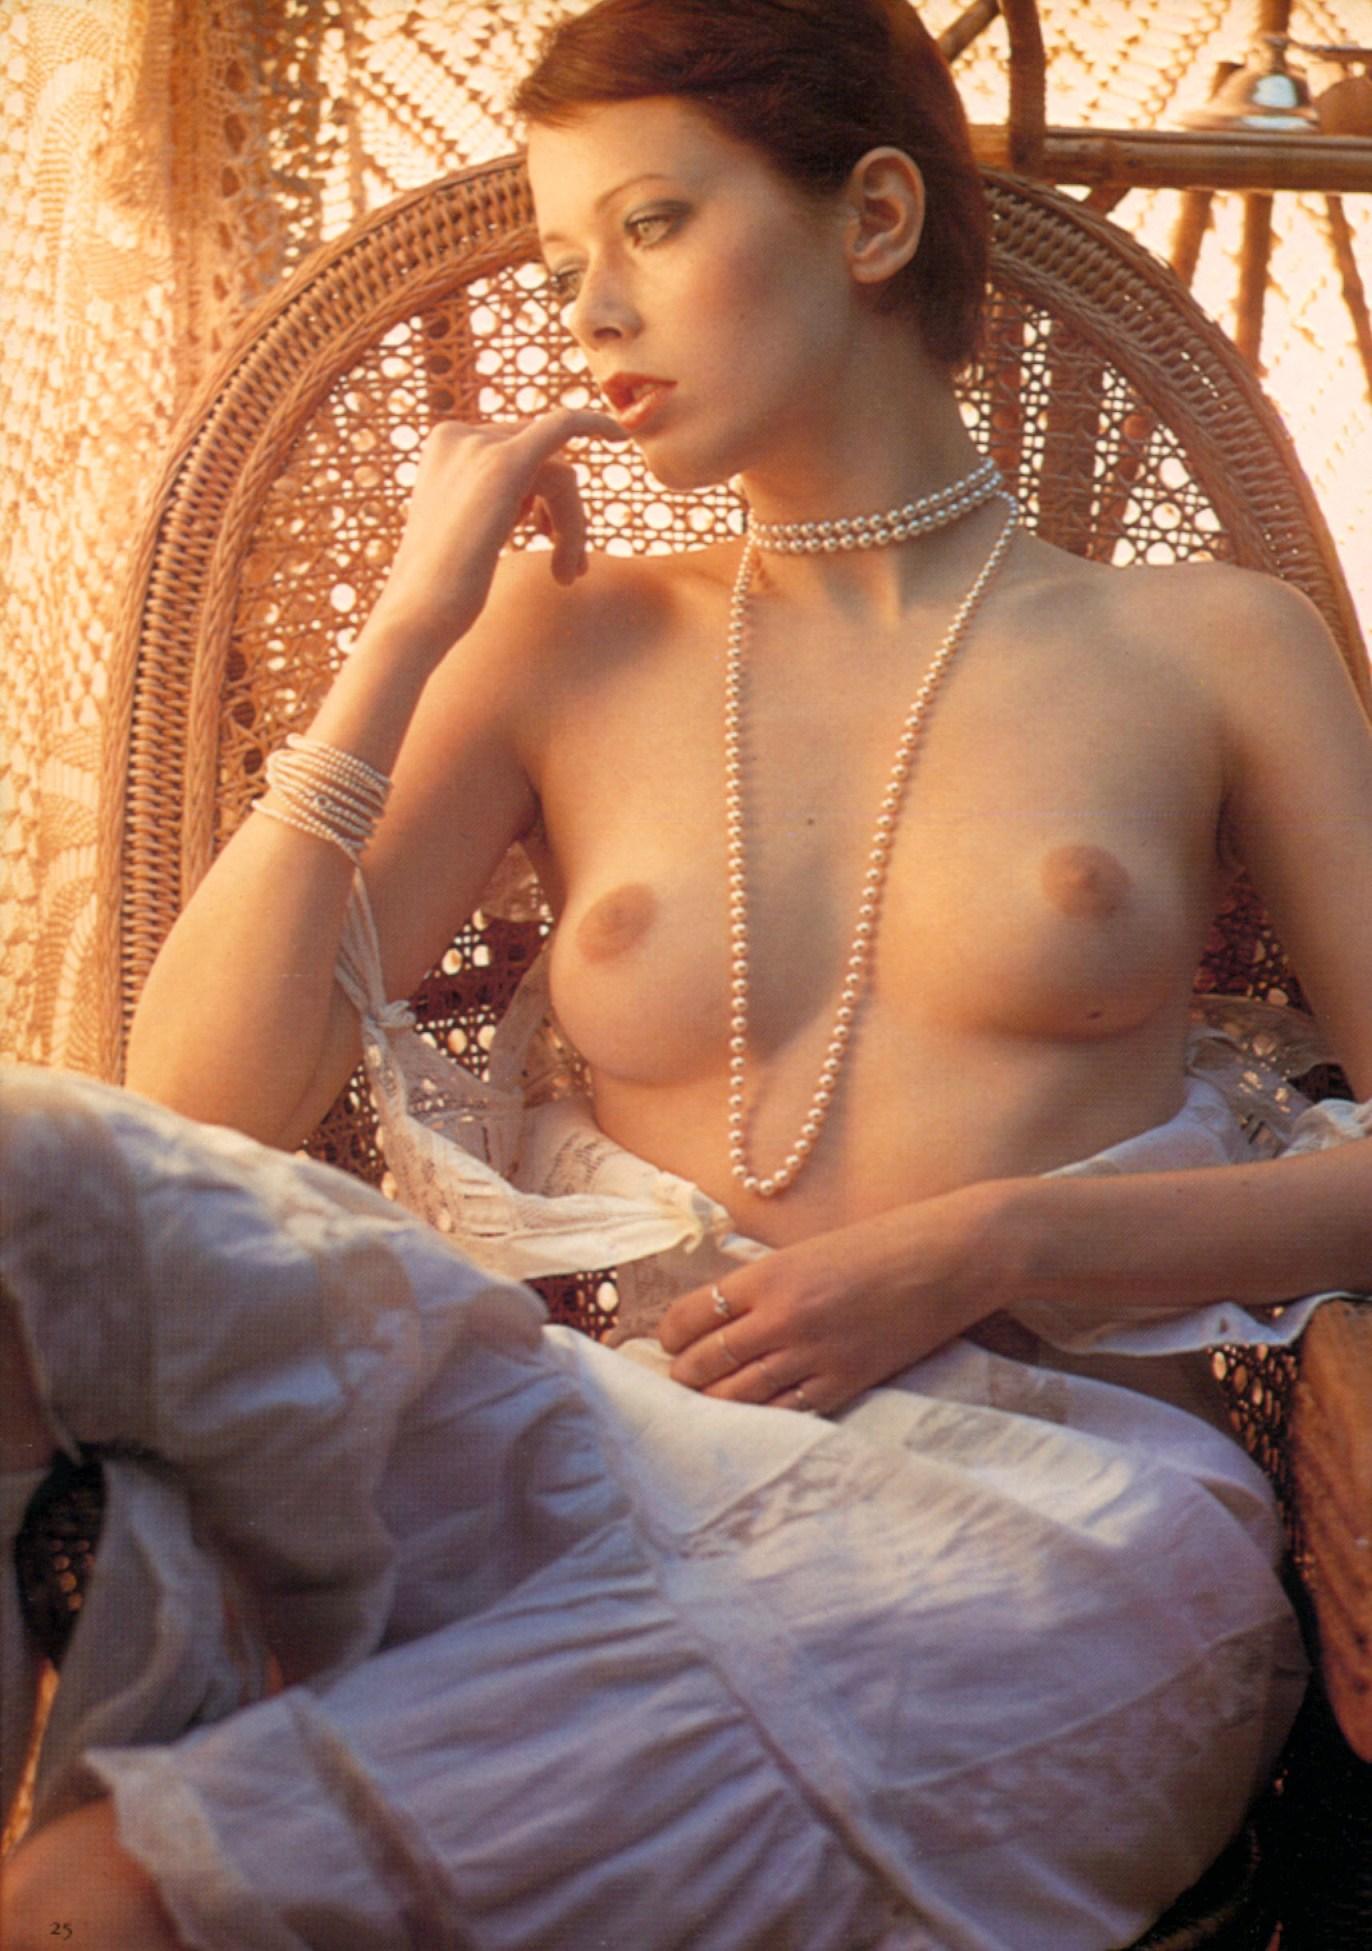 Французское порно с сильвией 25 фотография